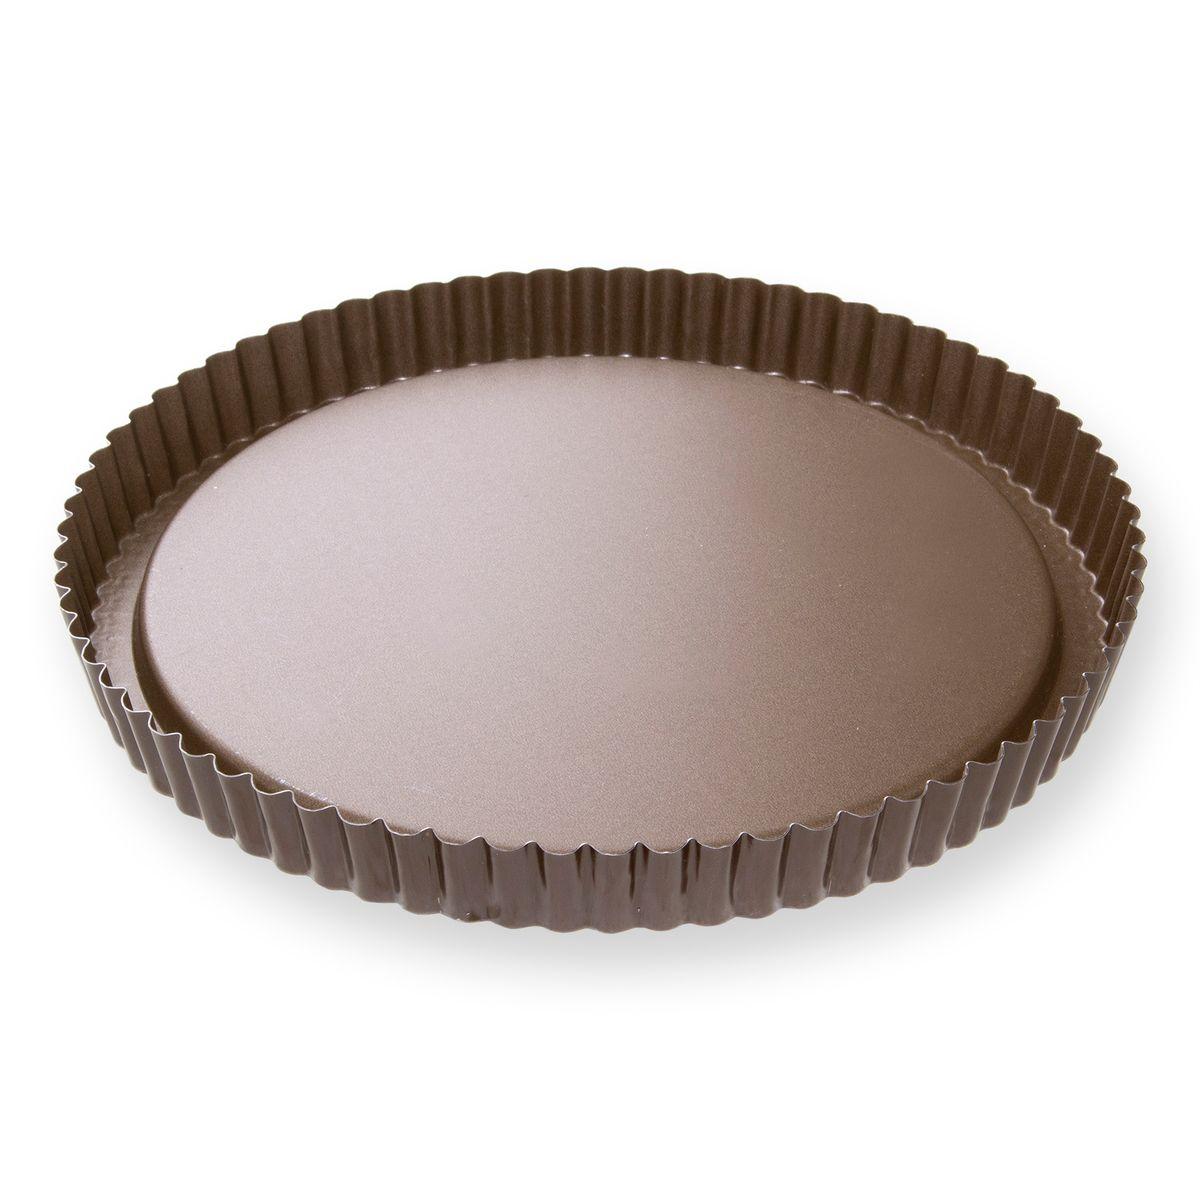 Moule à tarte renversée fruits frais en métal anti adhérent 8/10 parts 28 cm - Alice Délice